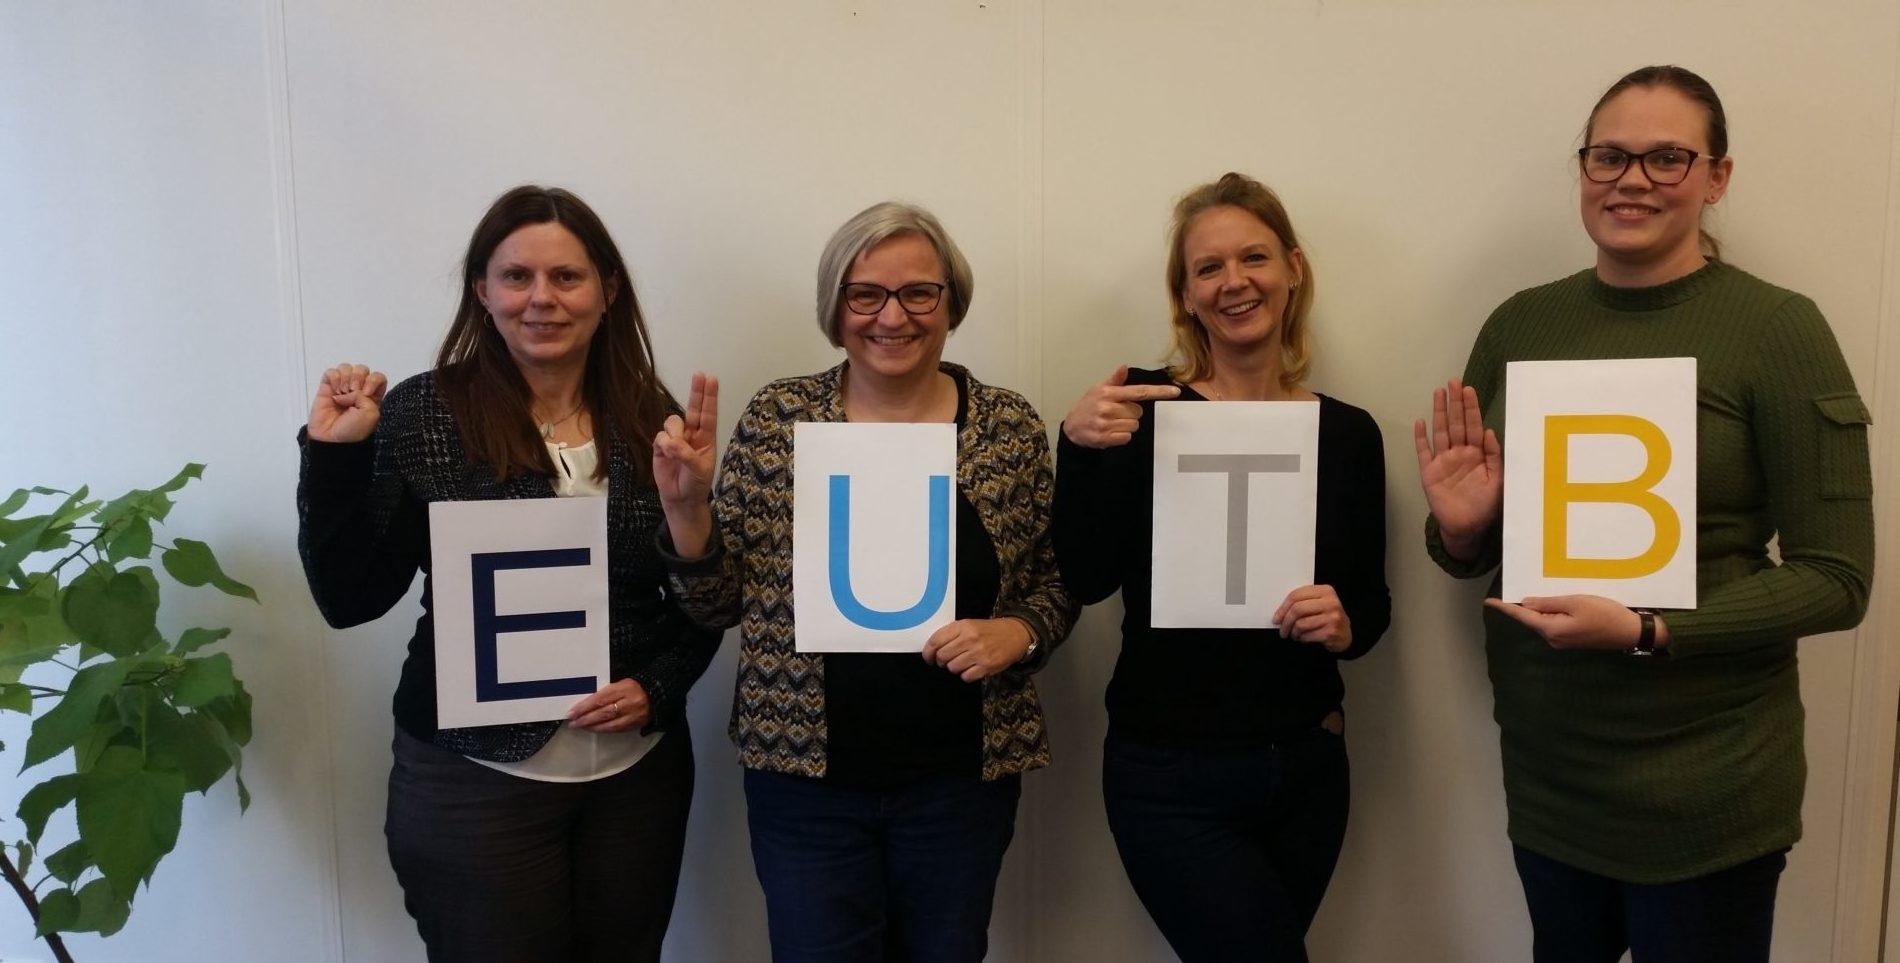 Mitarbeiterinnen des EUTB-Sprechtages (v. l.): Elke Rinecke, Dr. Doris Kühne, Marlene Rost, Ann-Katrin Tietje (Foto: Simone Dittmann)